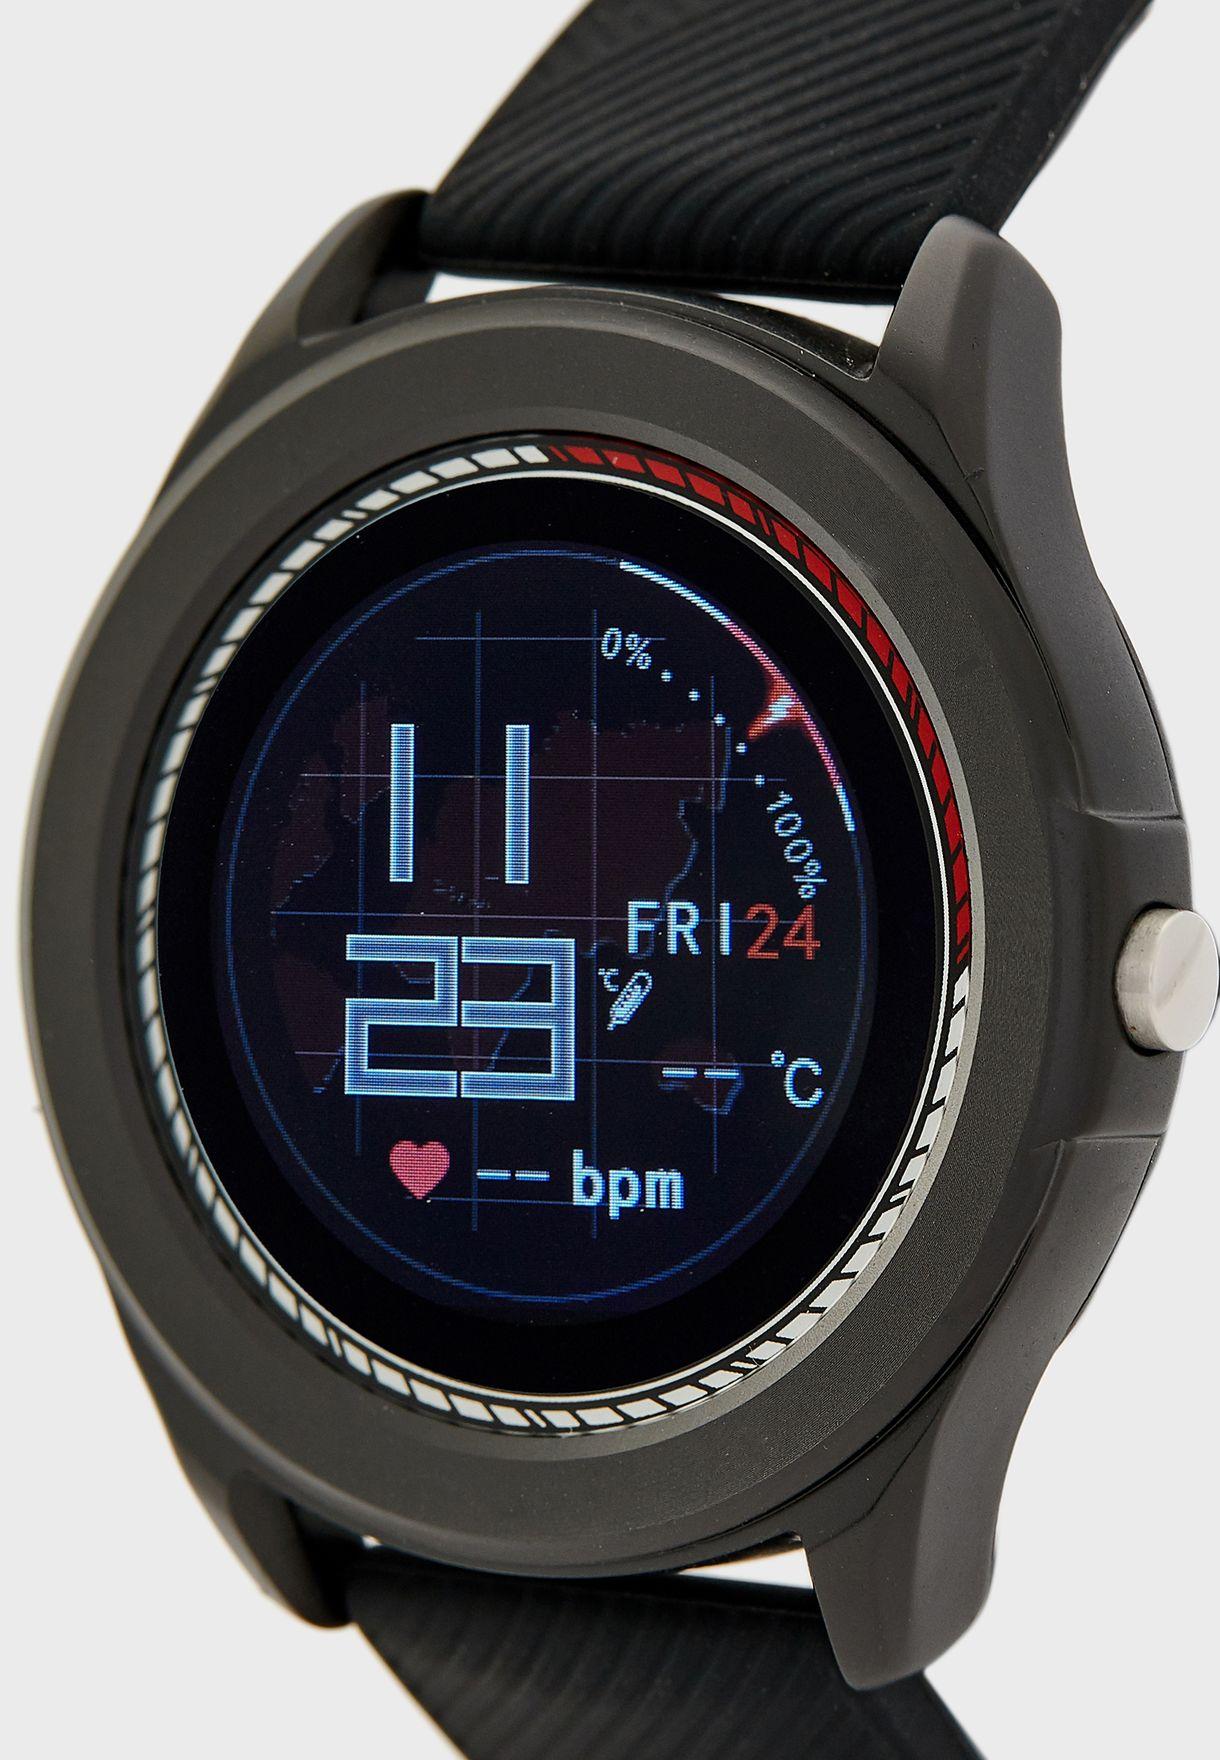 ساعة ذكية مع معدل ضربات القلب وضغط الدم